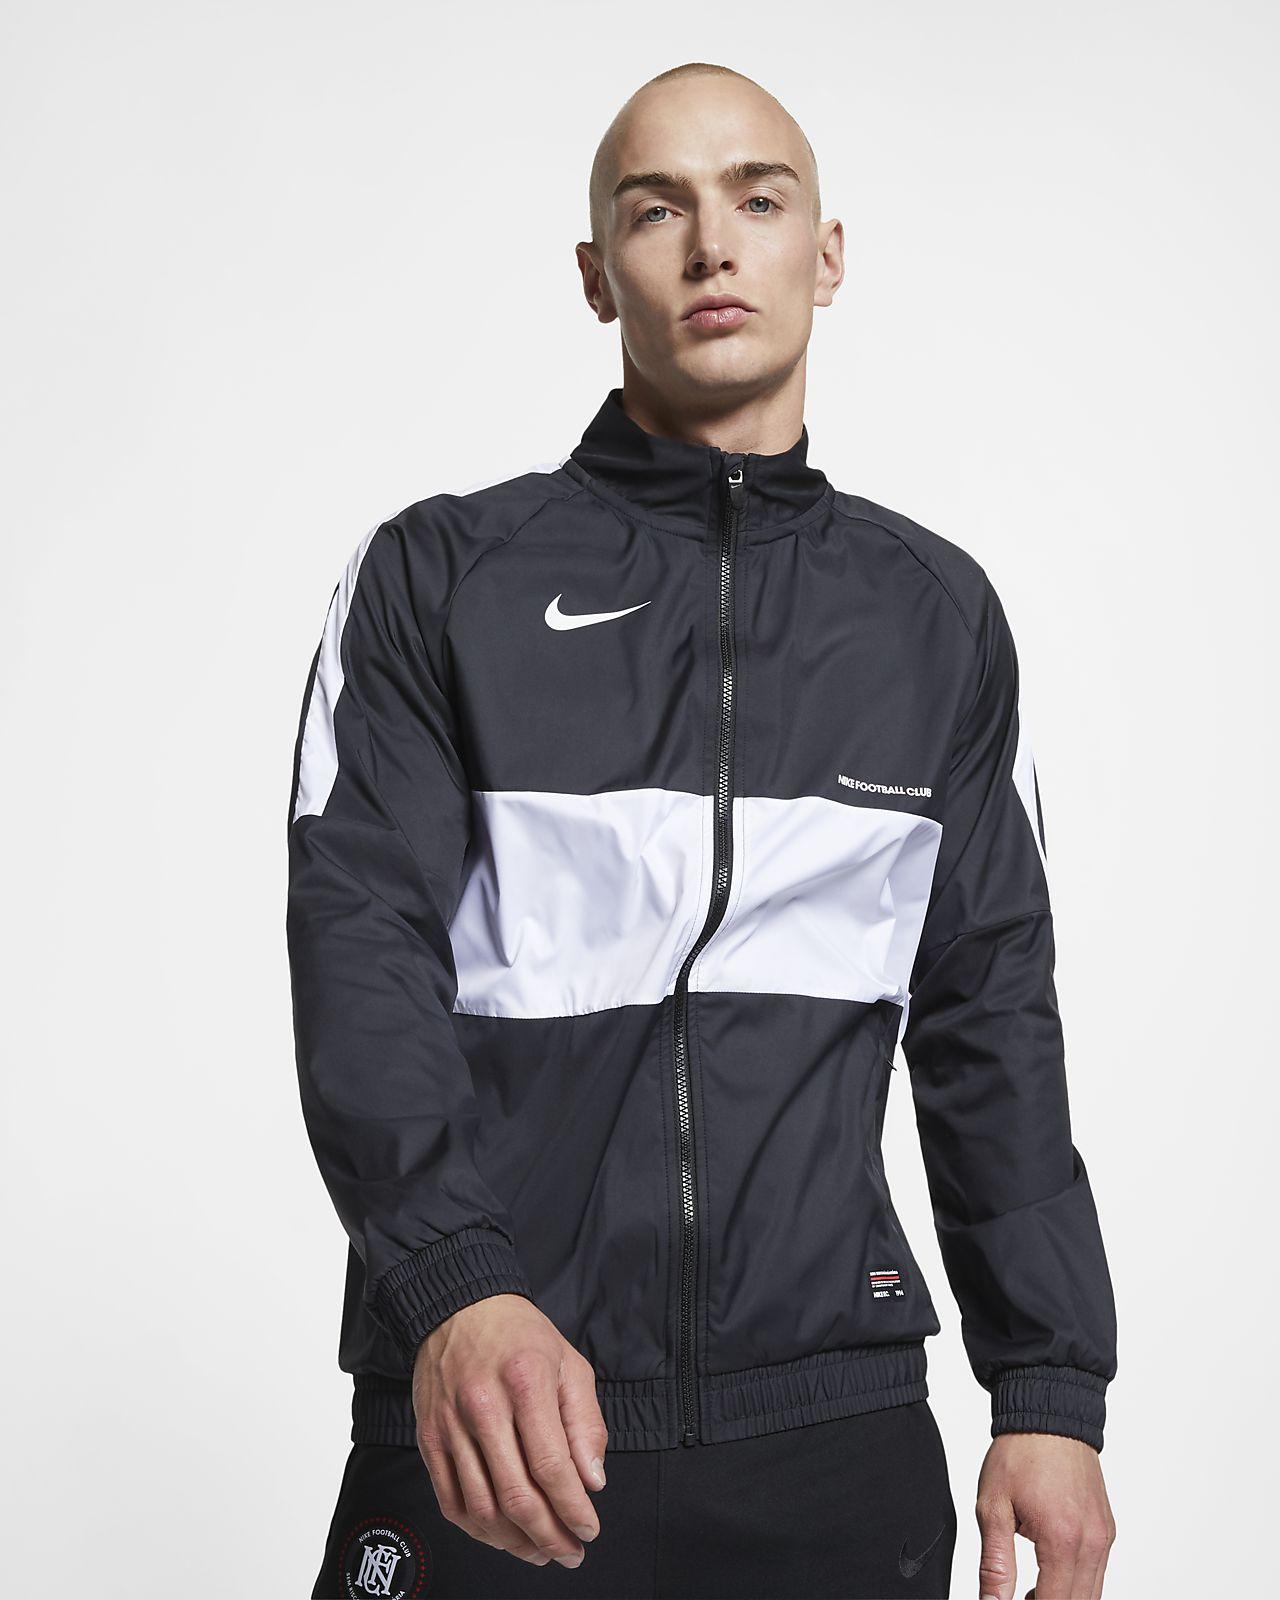 Football Homme Nike De Veste F cPour If7gmbv6Yy